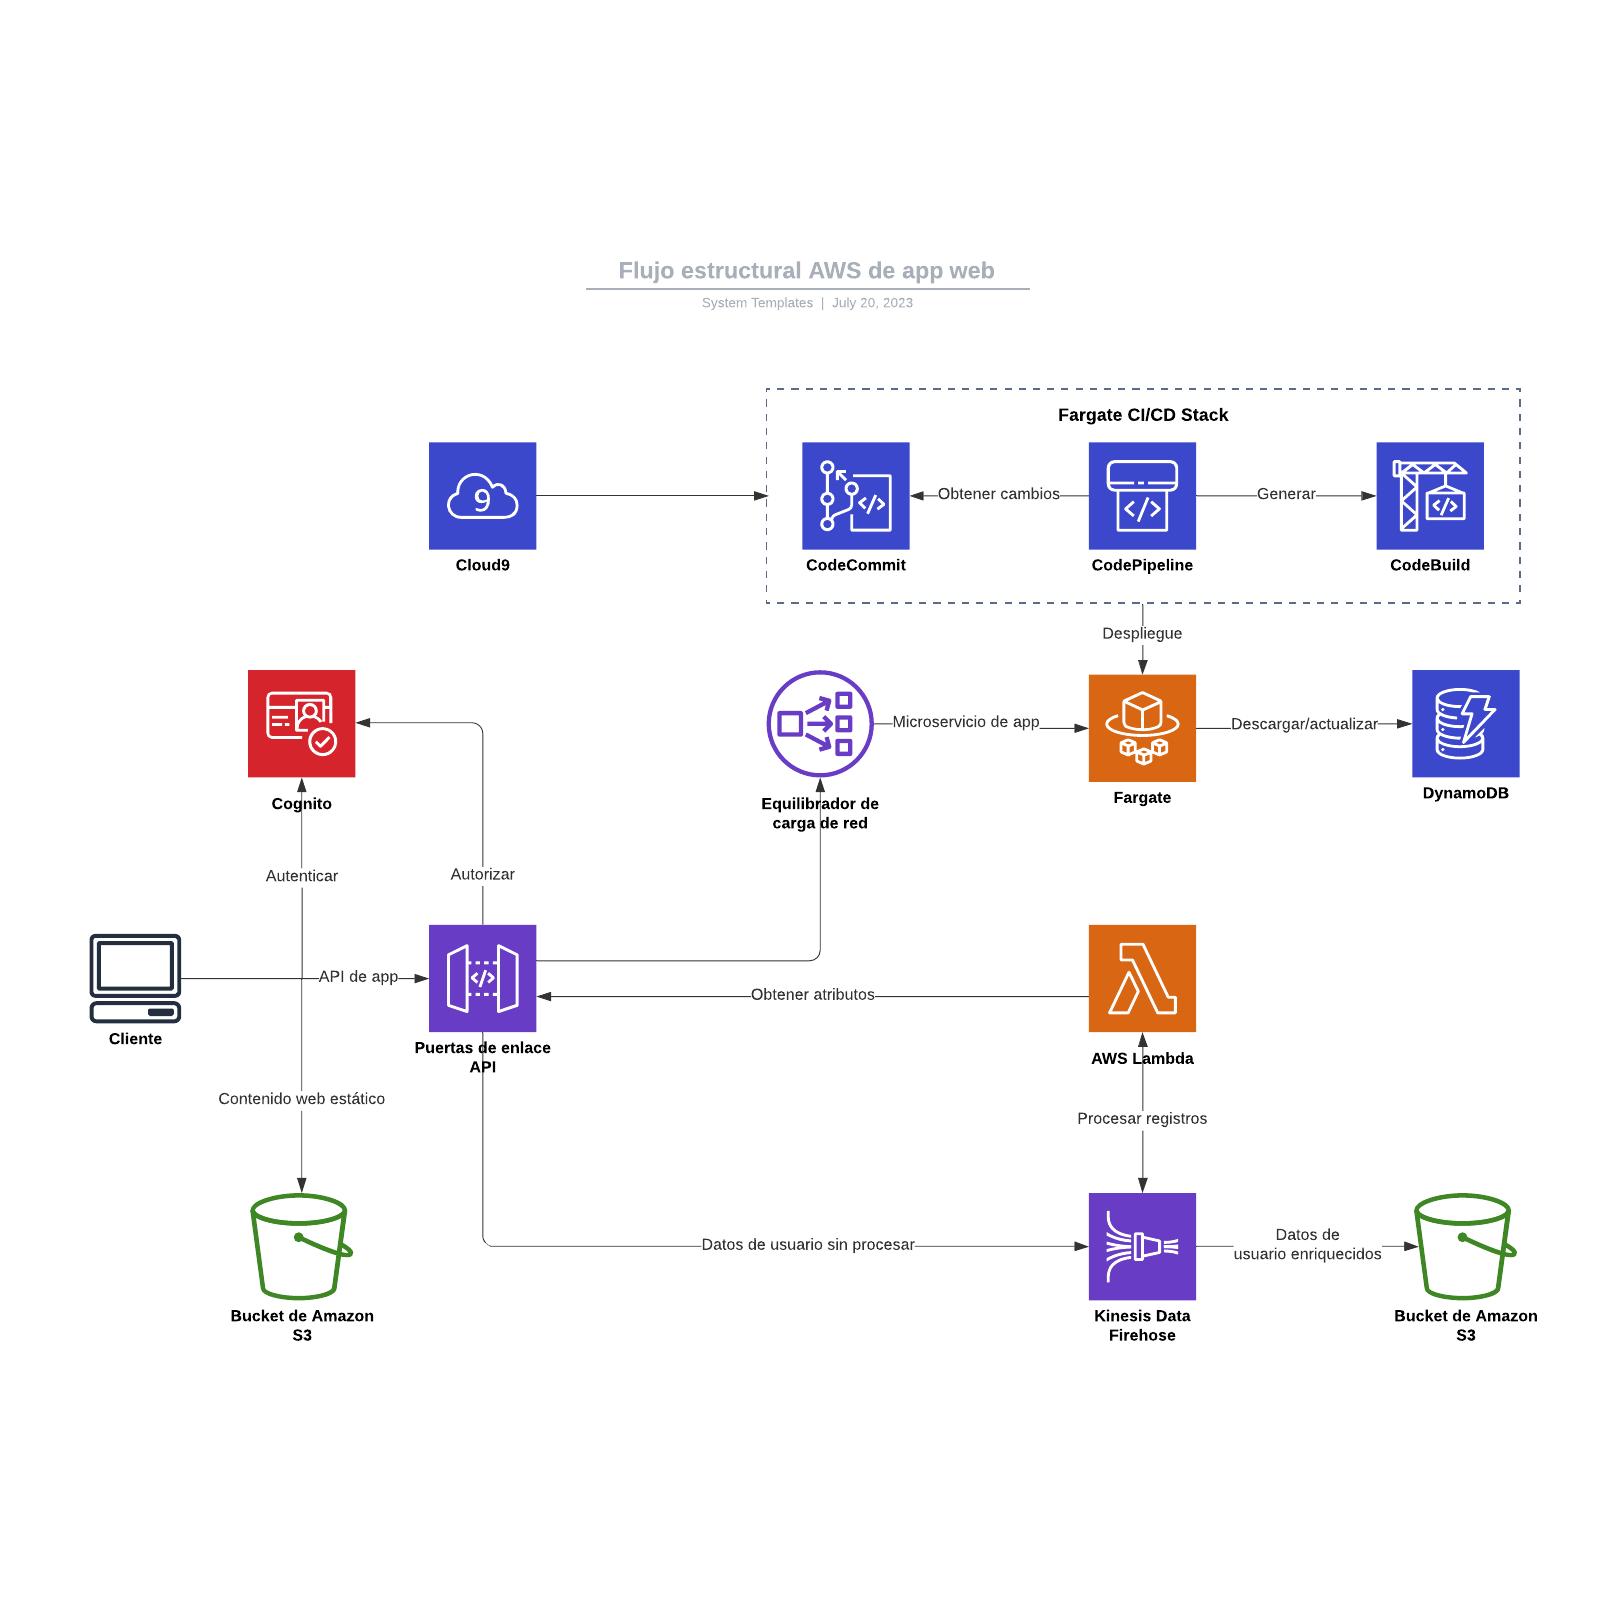 Flujo estructural AWS de app web